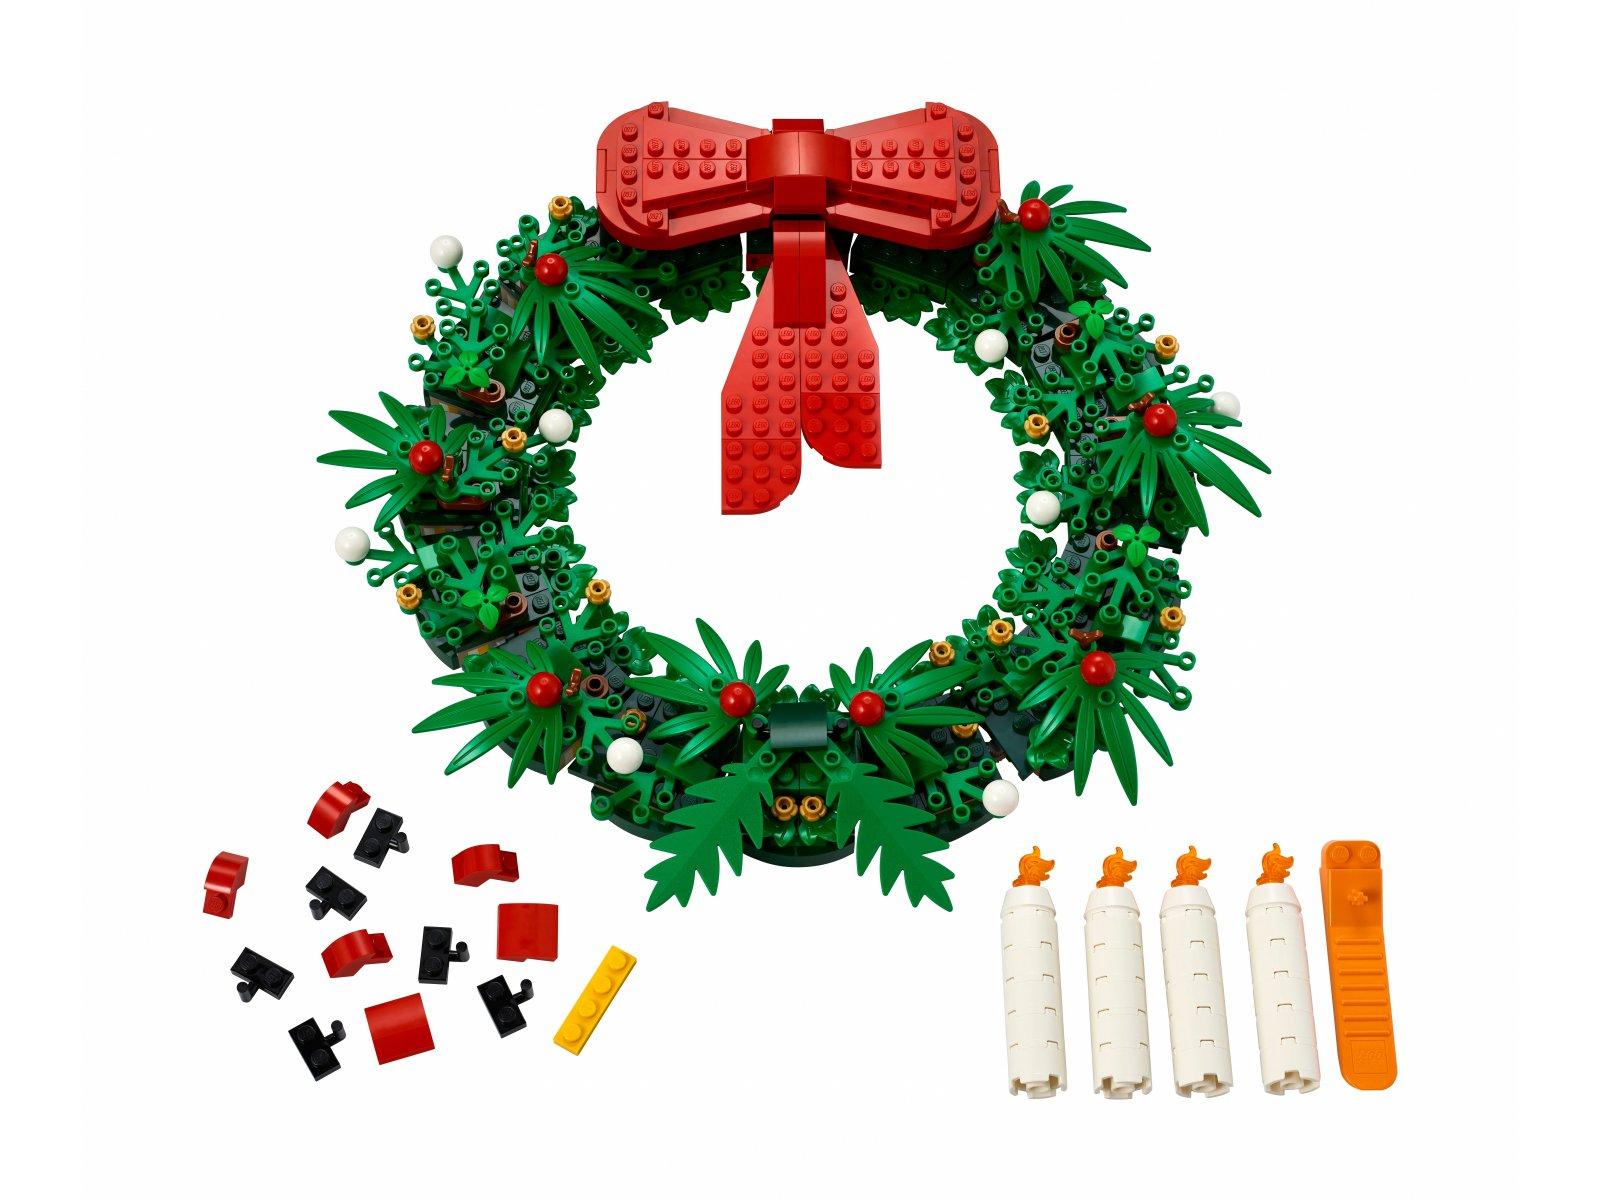 LEGO 40426 Bożonarodzeniowy wieniec 2 w 1